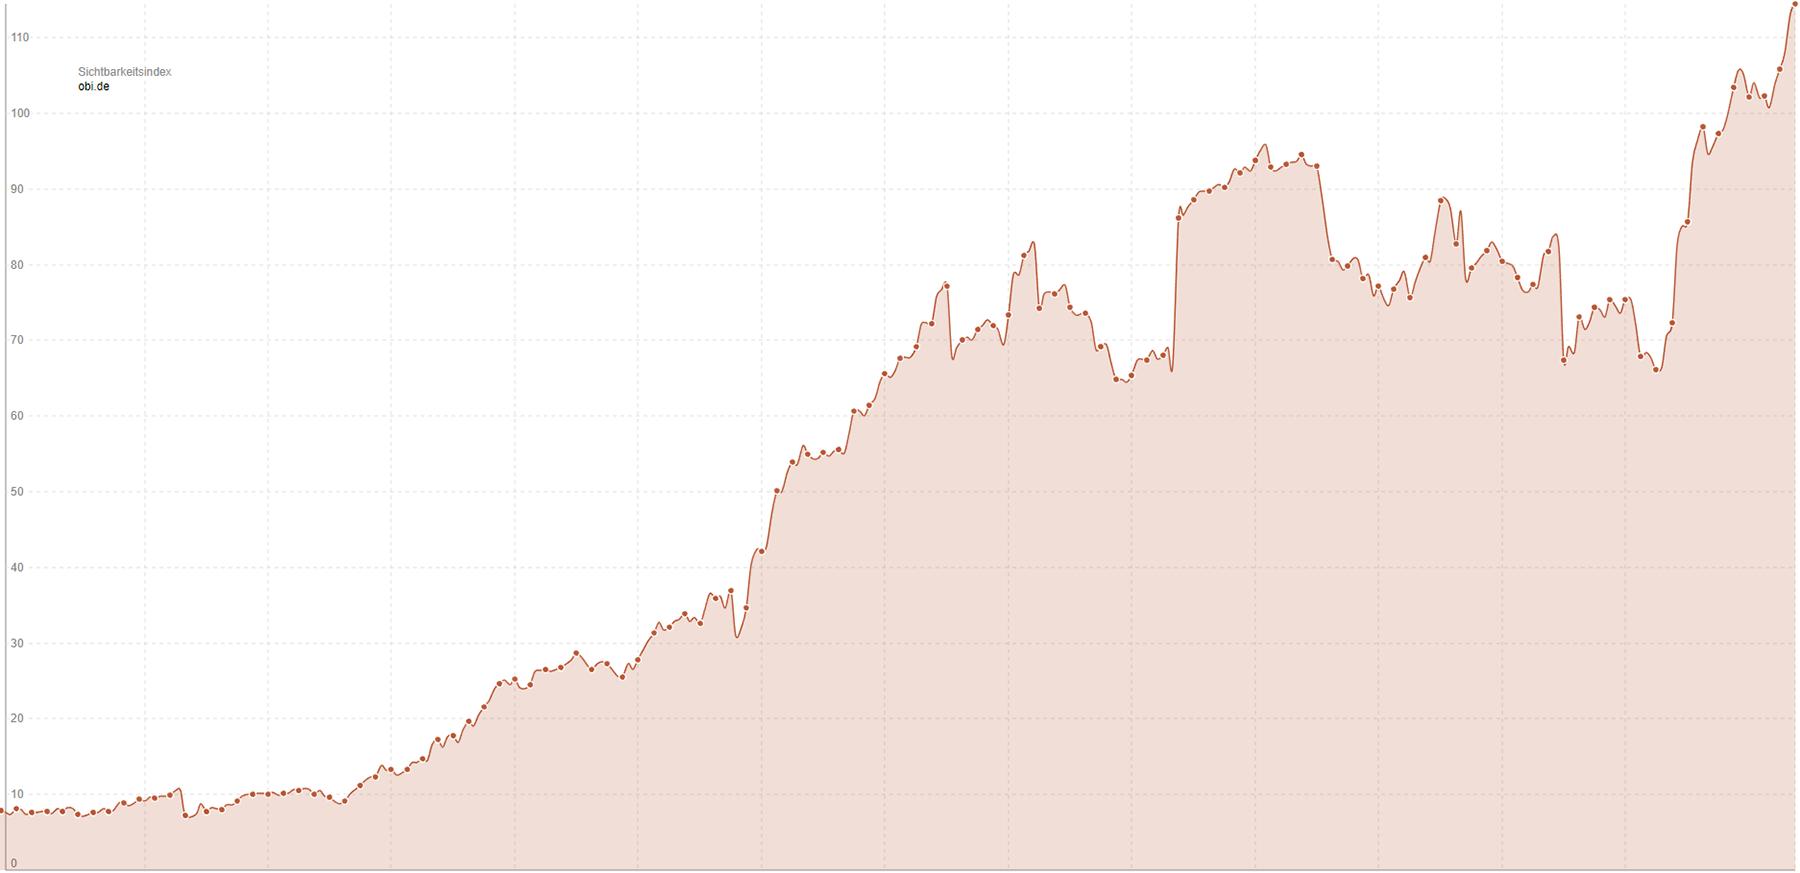 sichtbarkeitsentwicklung-obi-2011-bis-2017